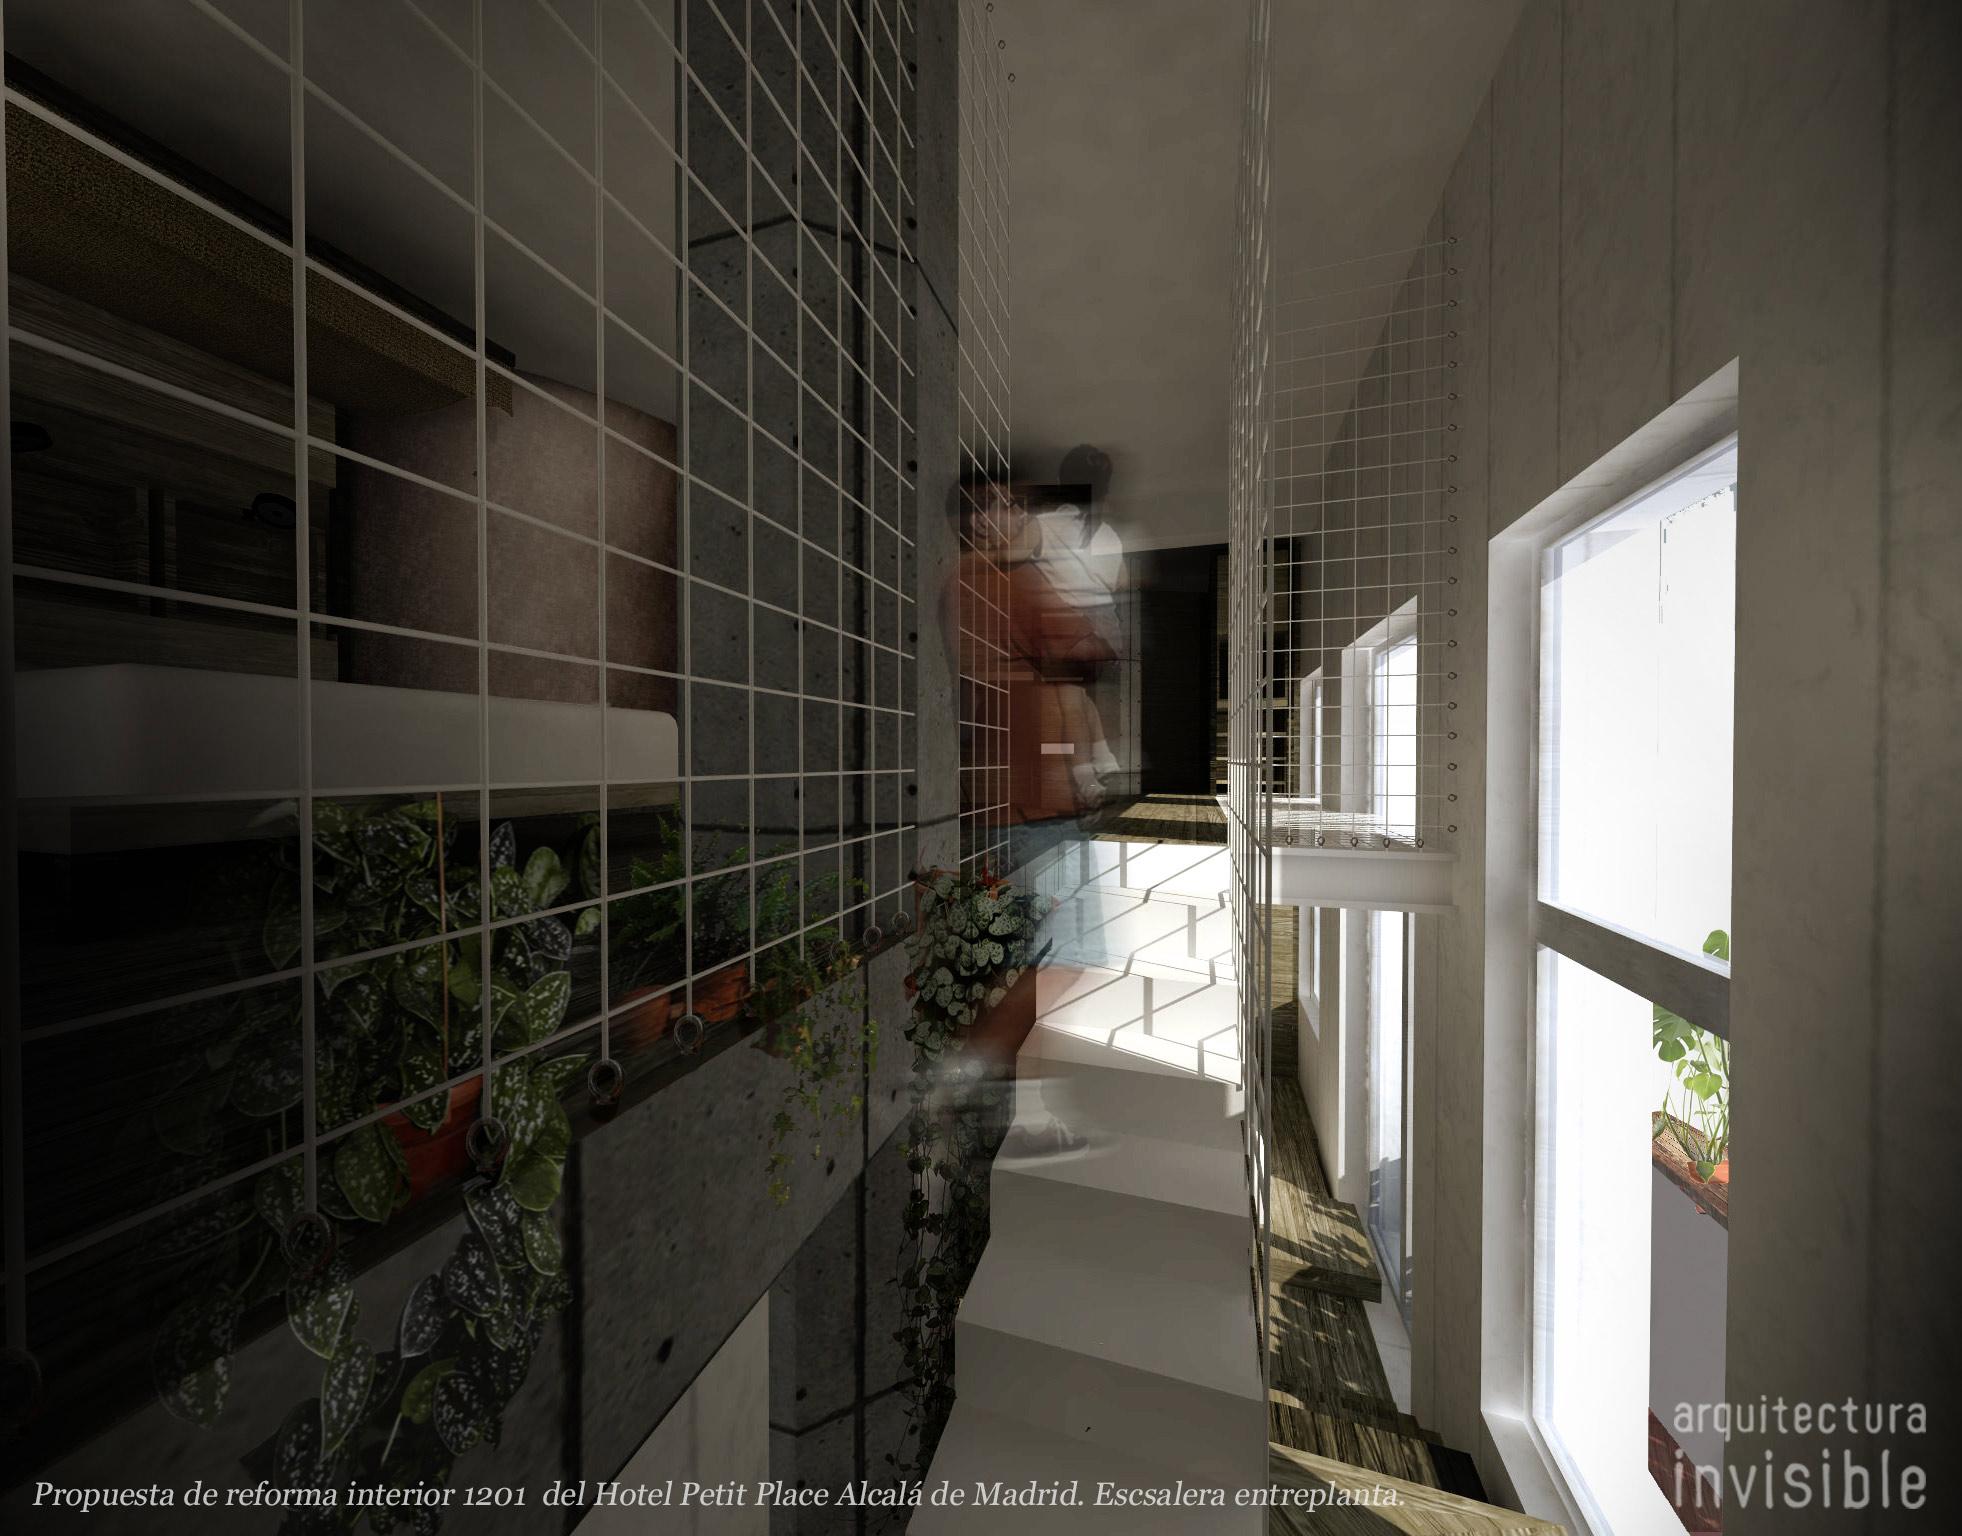 Propuesta de reforma interior 1201 del hotel petit Palace alcalá de Madrid